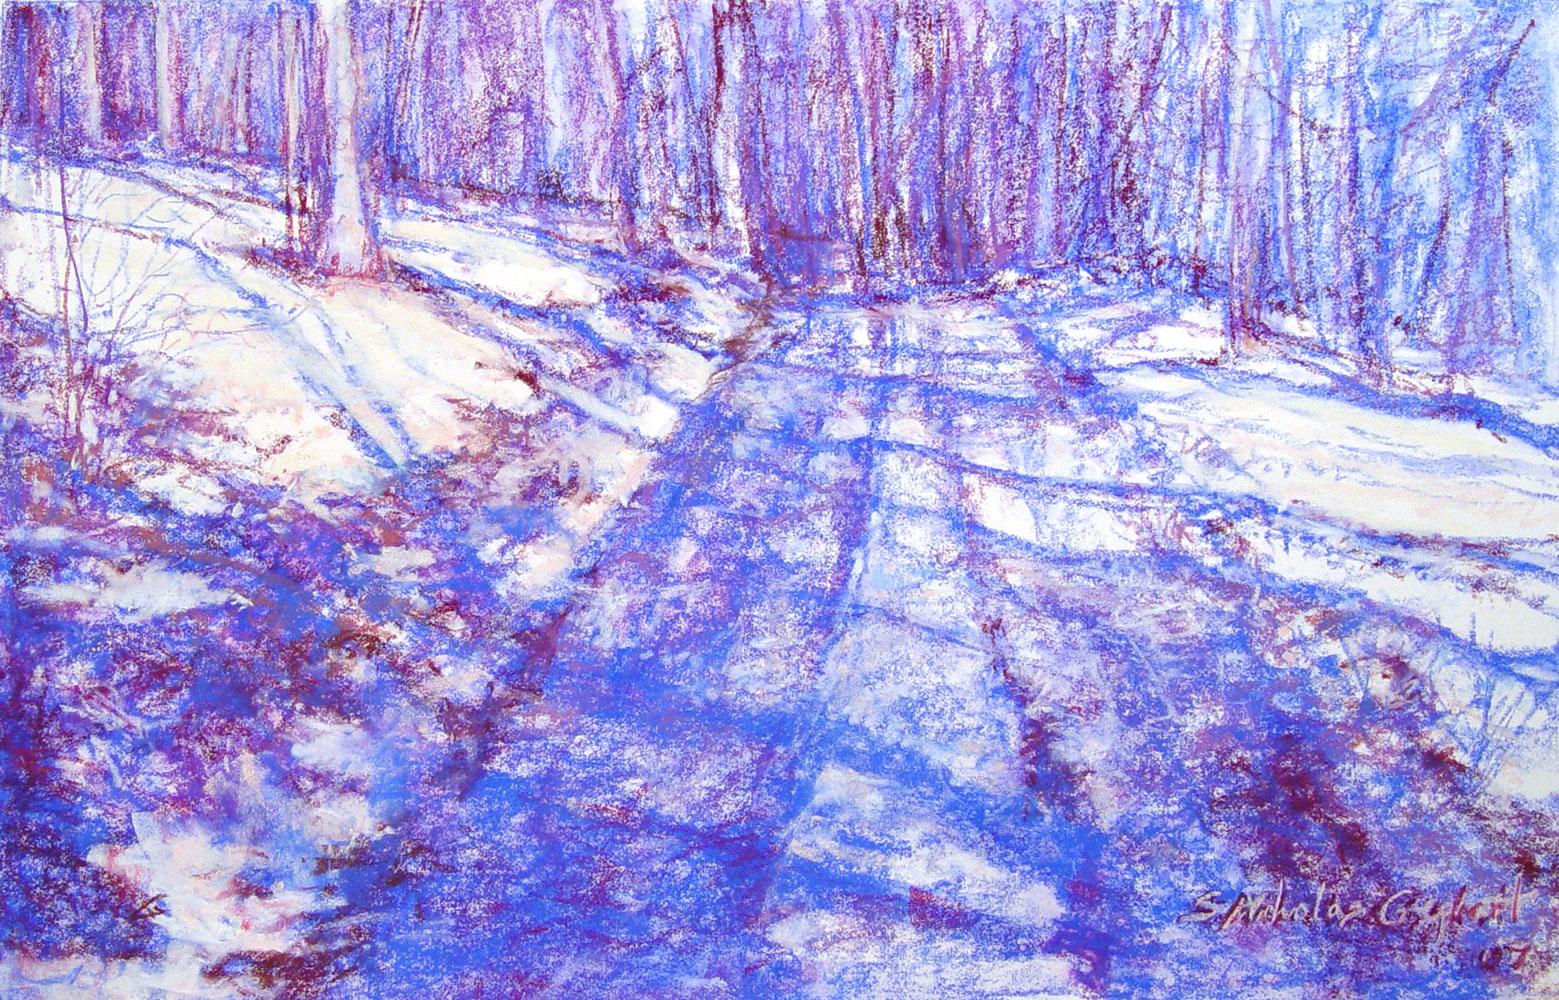 Cabin Lane in Snow